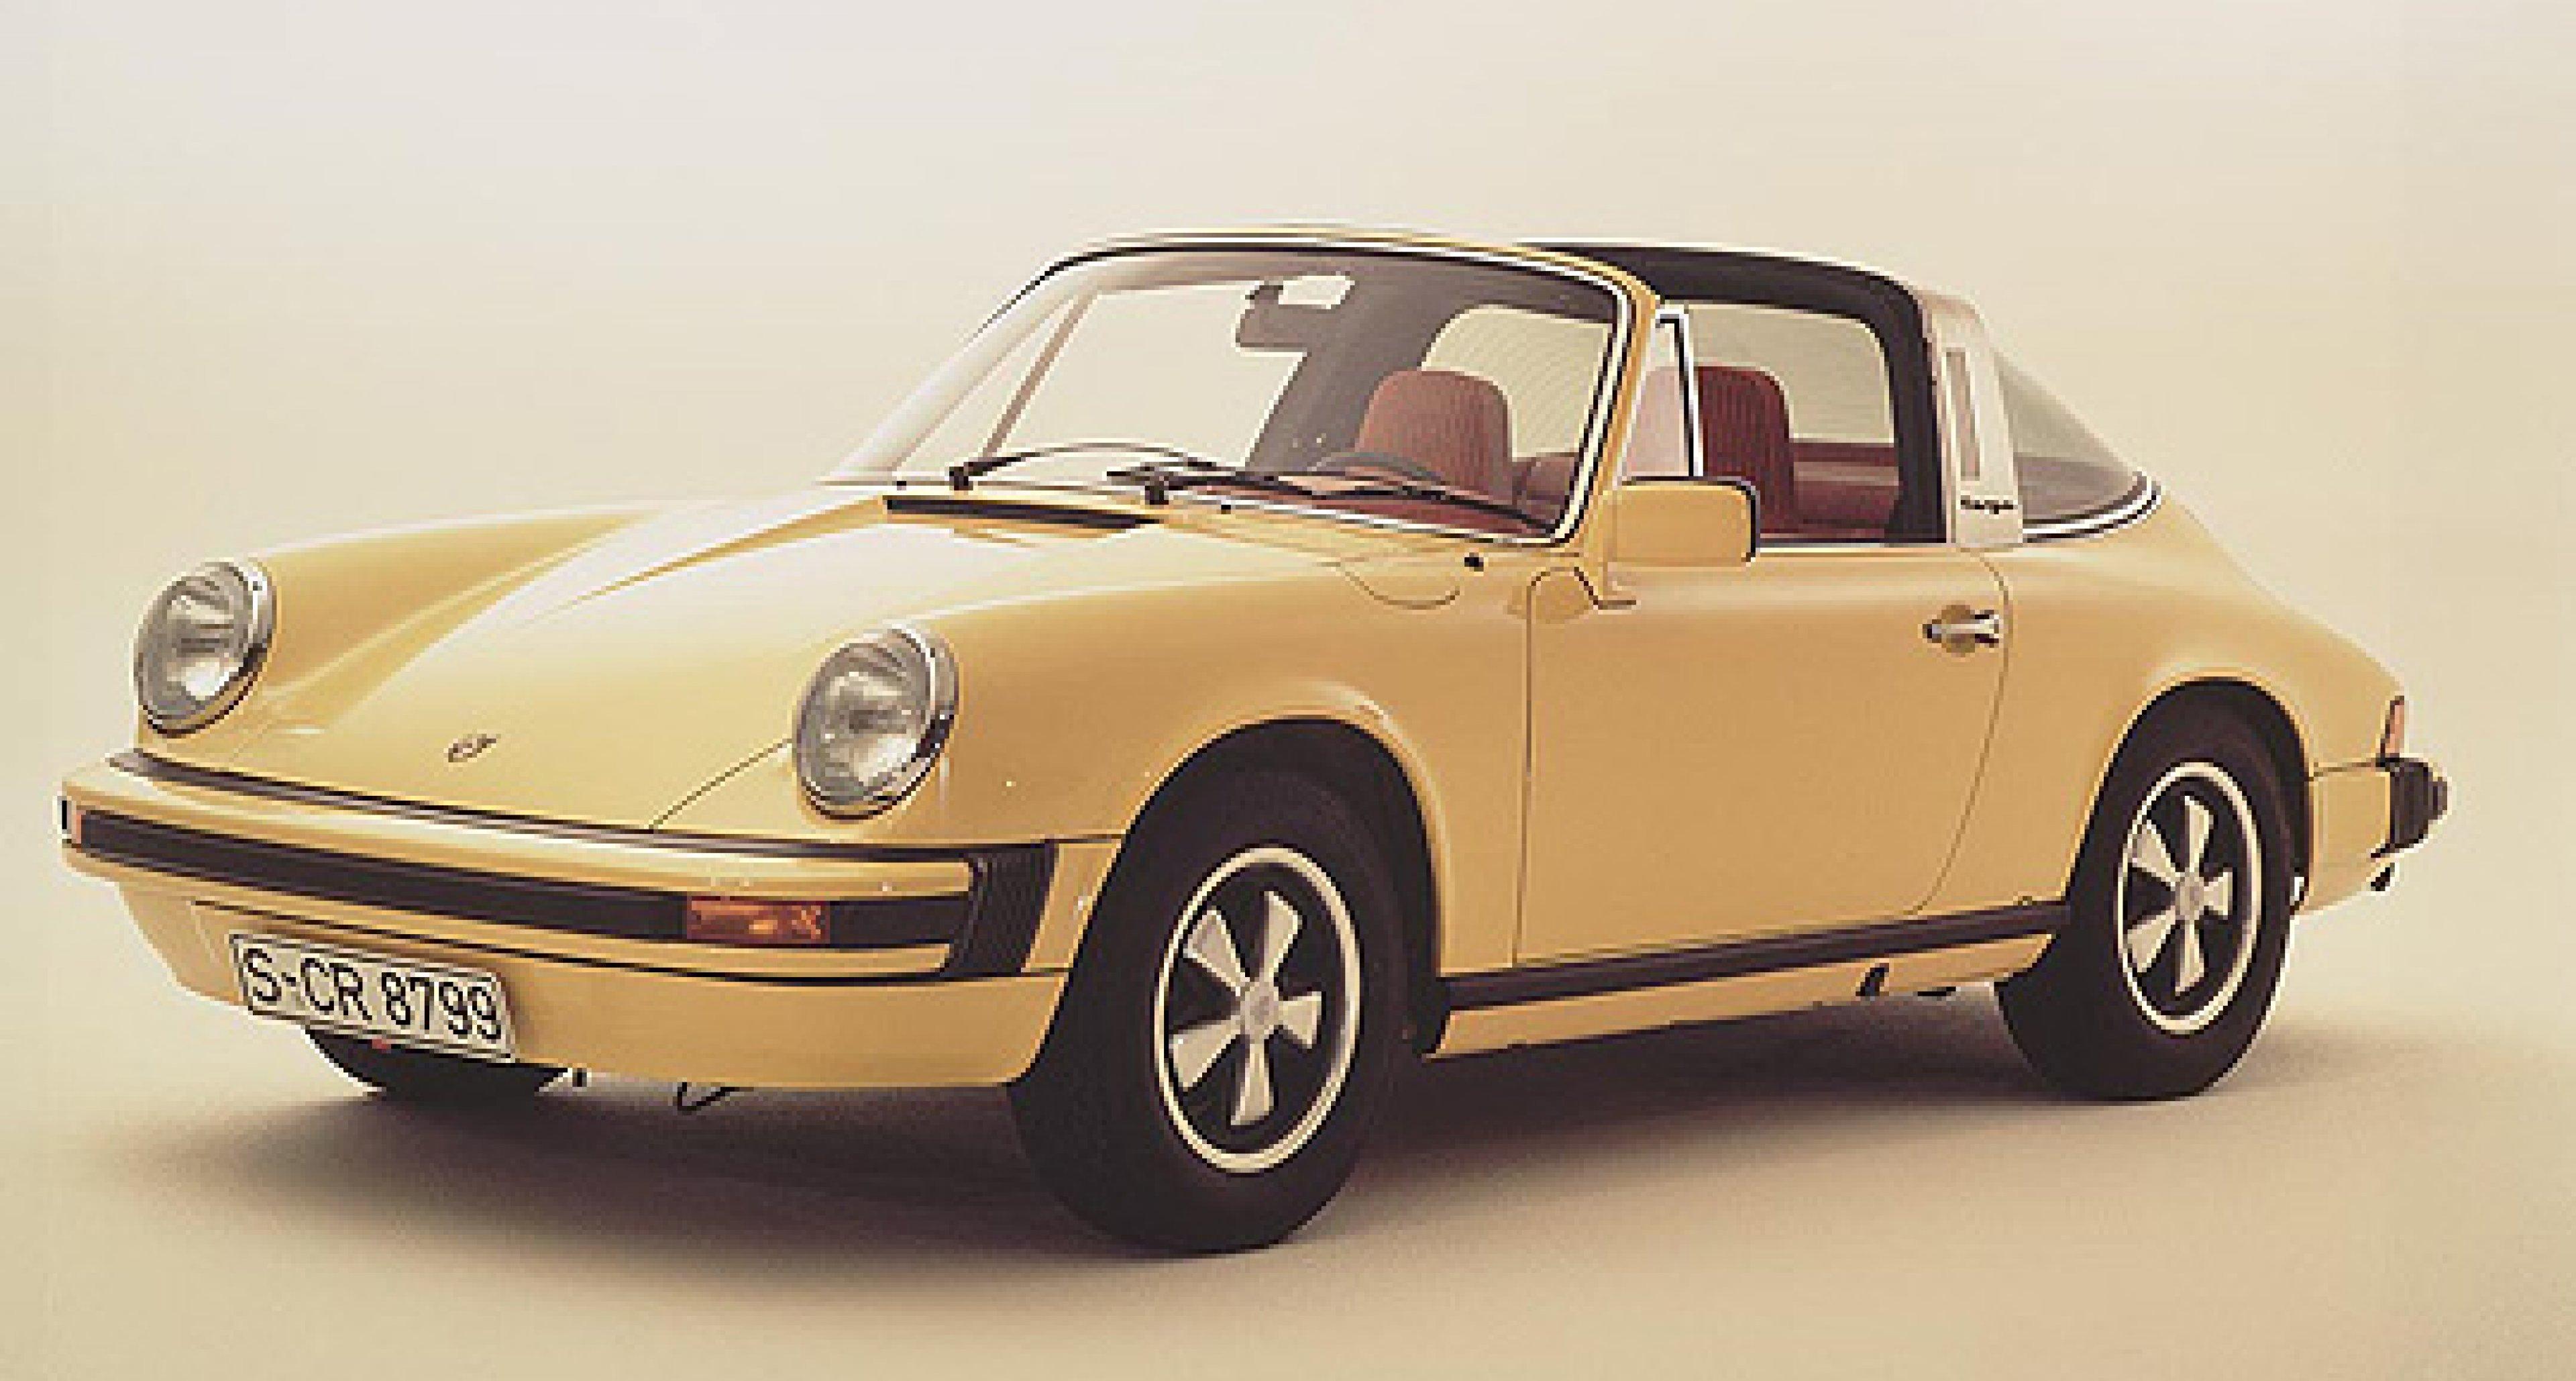 Sleeping Beauty Nº12: Porsche 911 G Series 2.7-litre